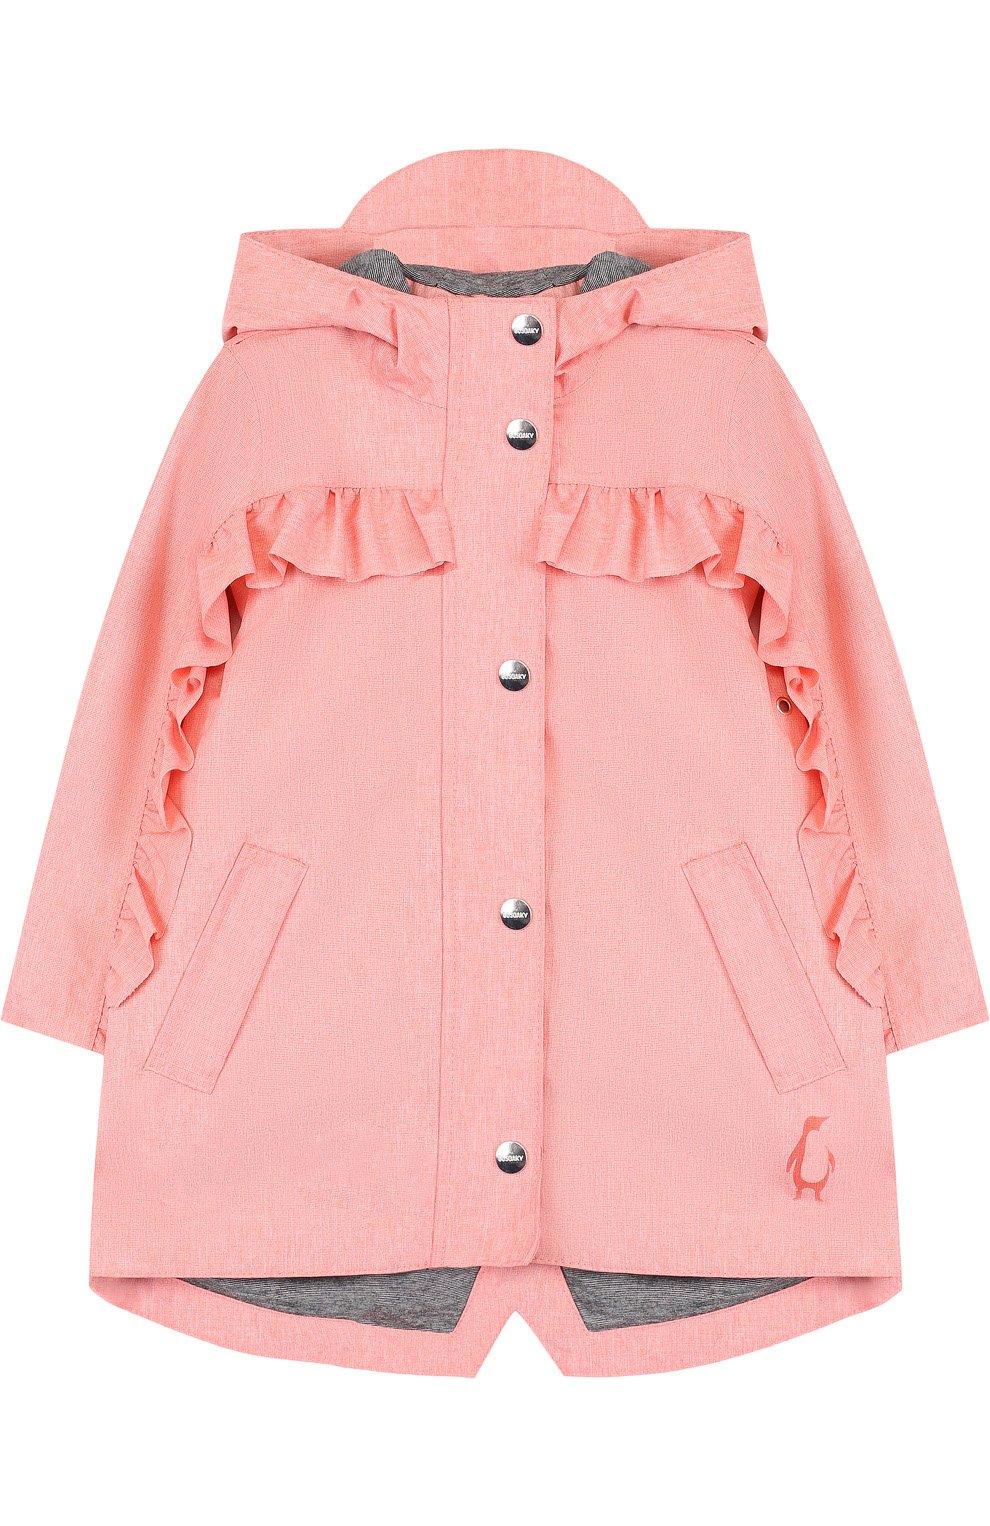 Детский дождевик с капюшоном и оборками GOSOAKY розового цвета, арт. 181.101.239/C0ATED W0VEN MELANGE   Фото 1